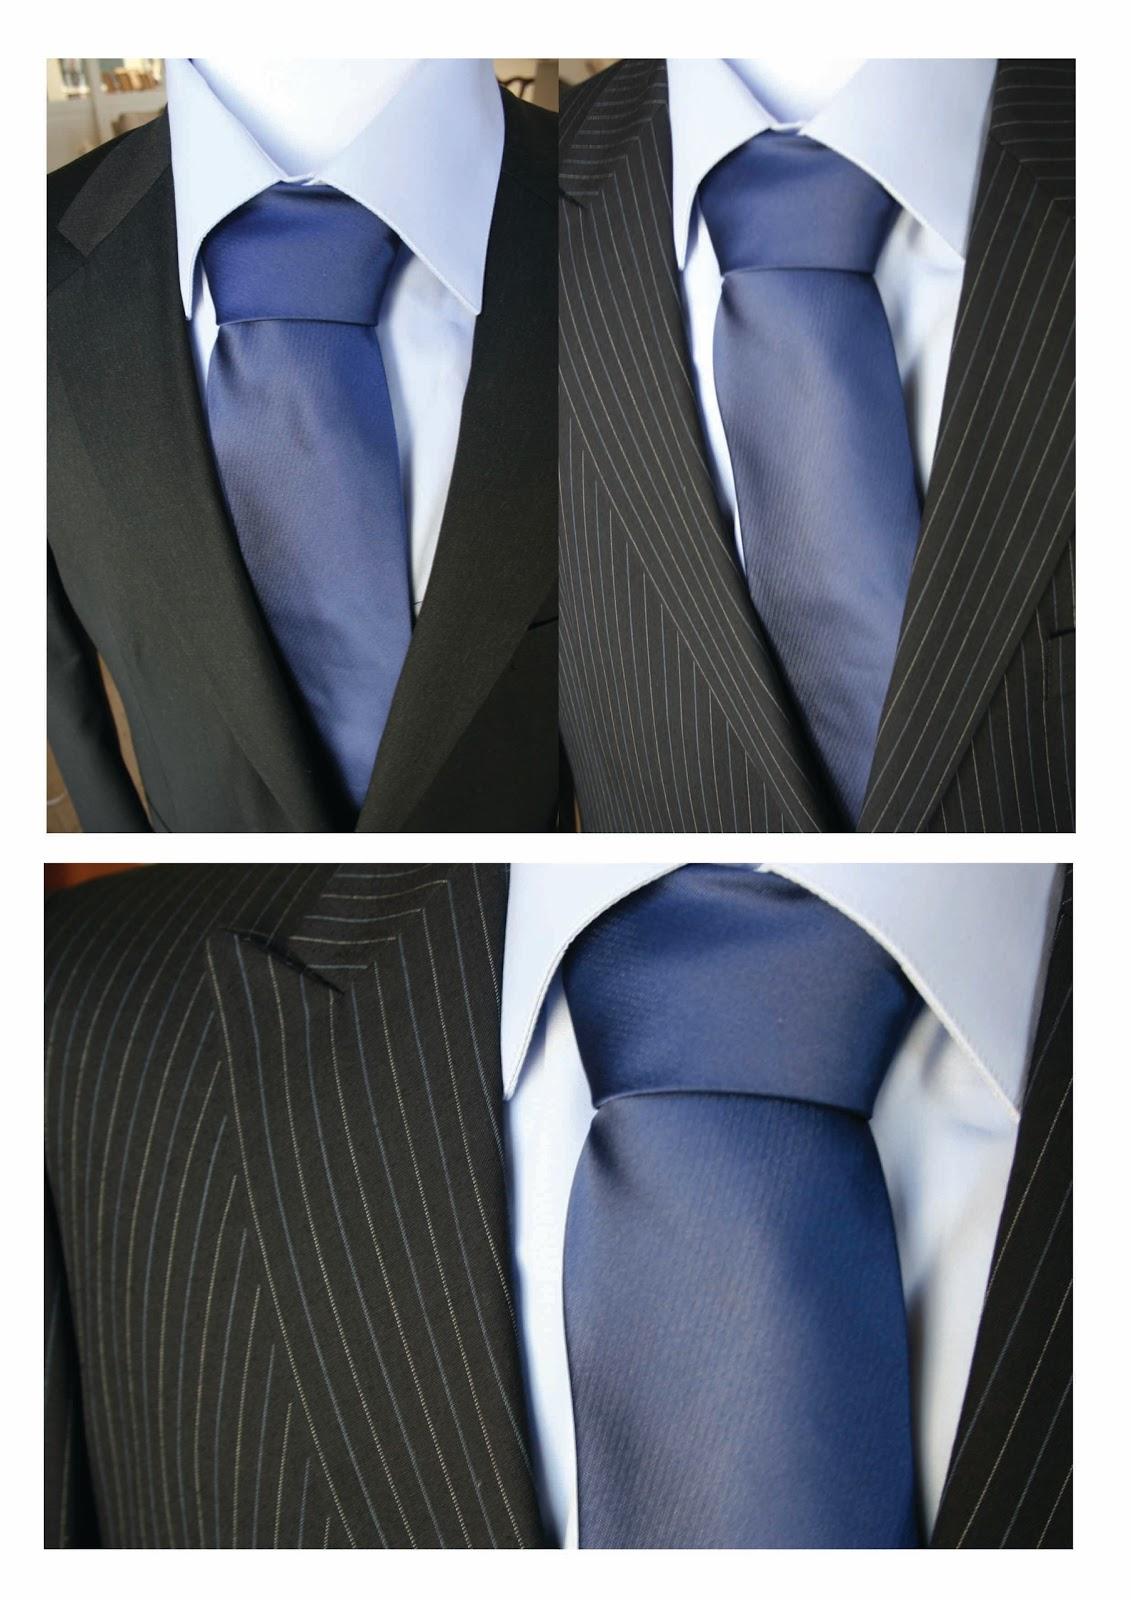 black suit and blue tie - photo #25